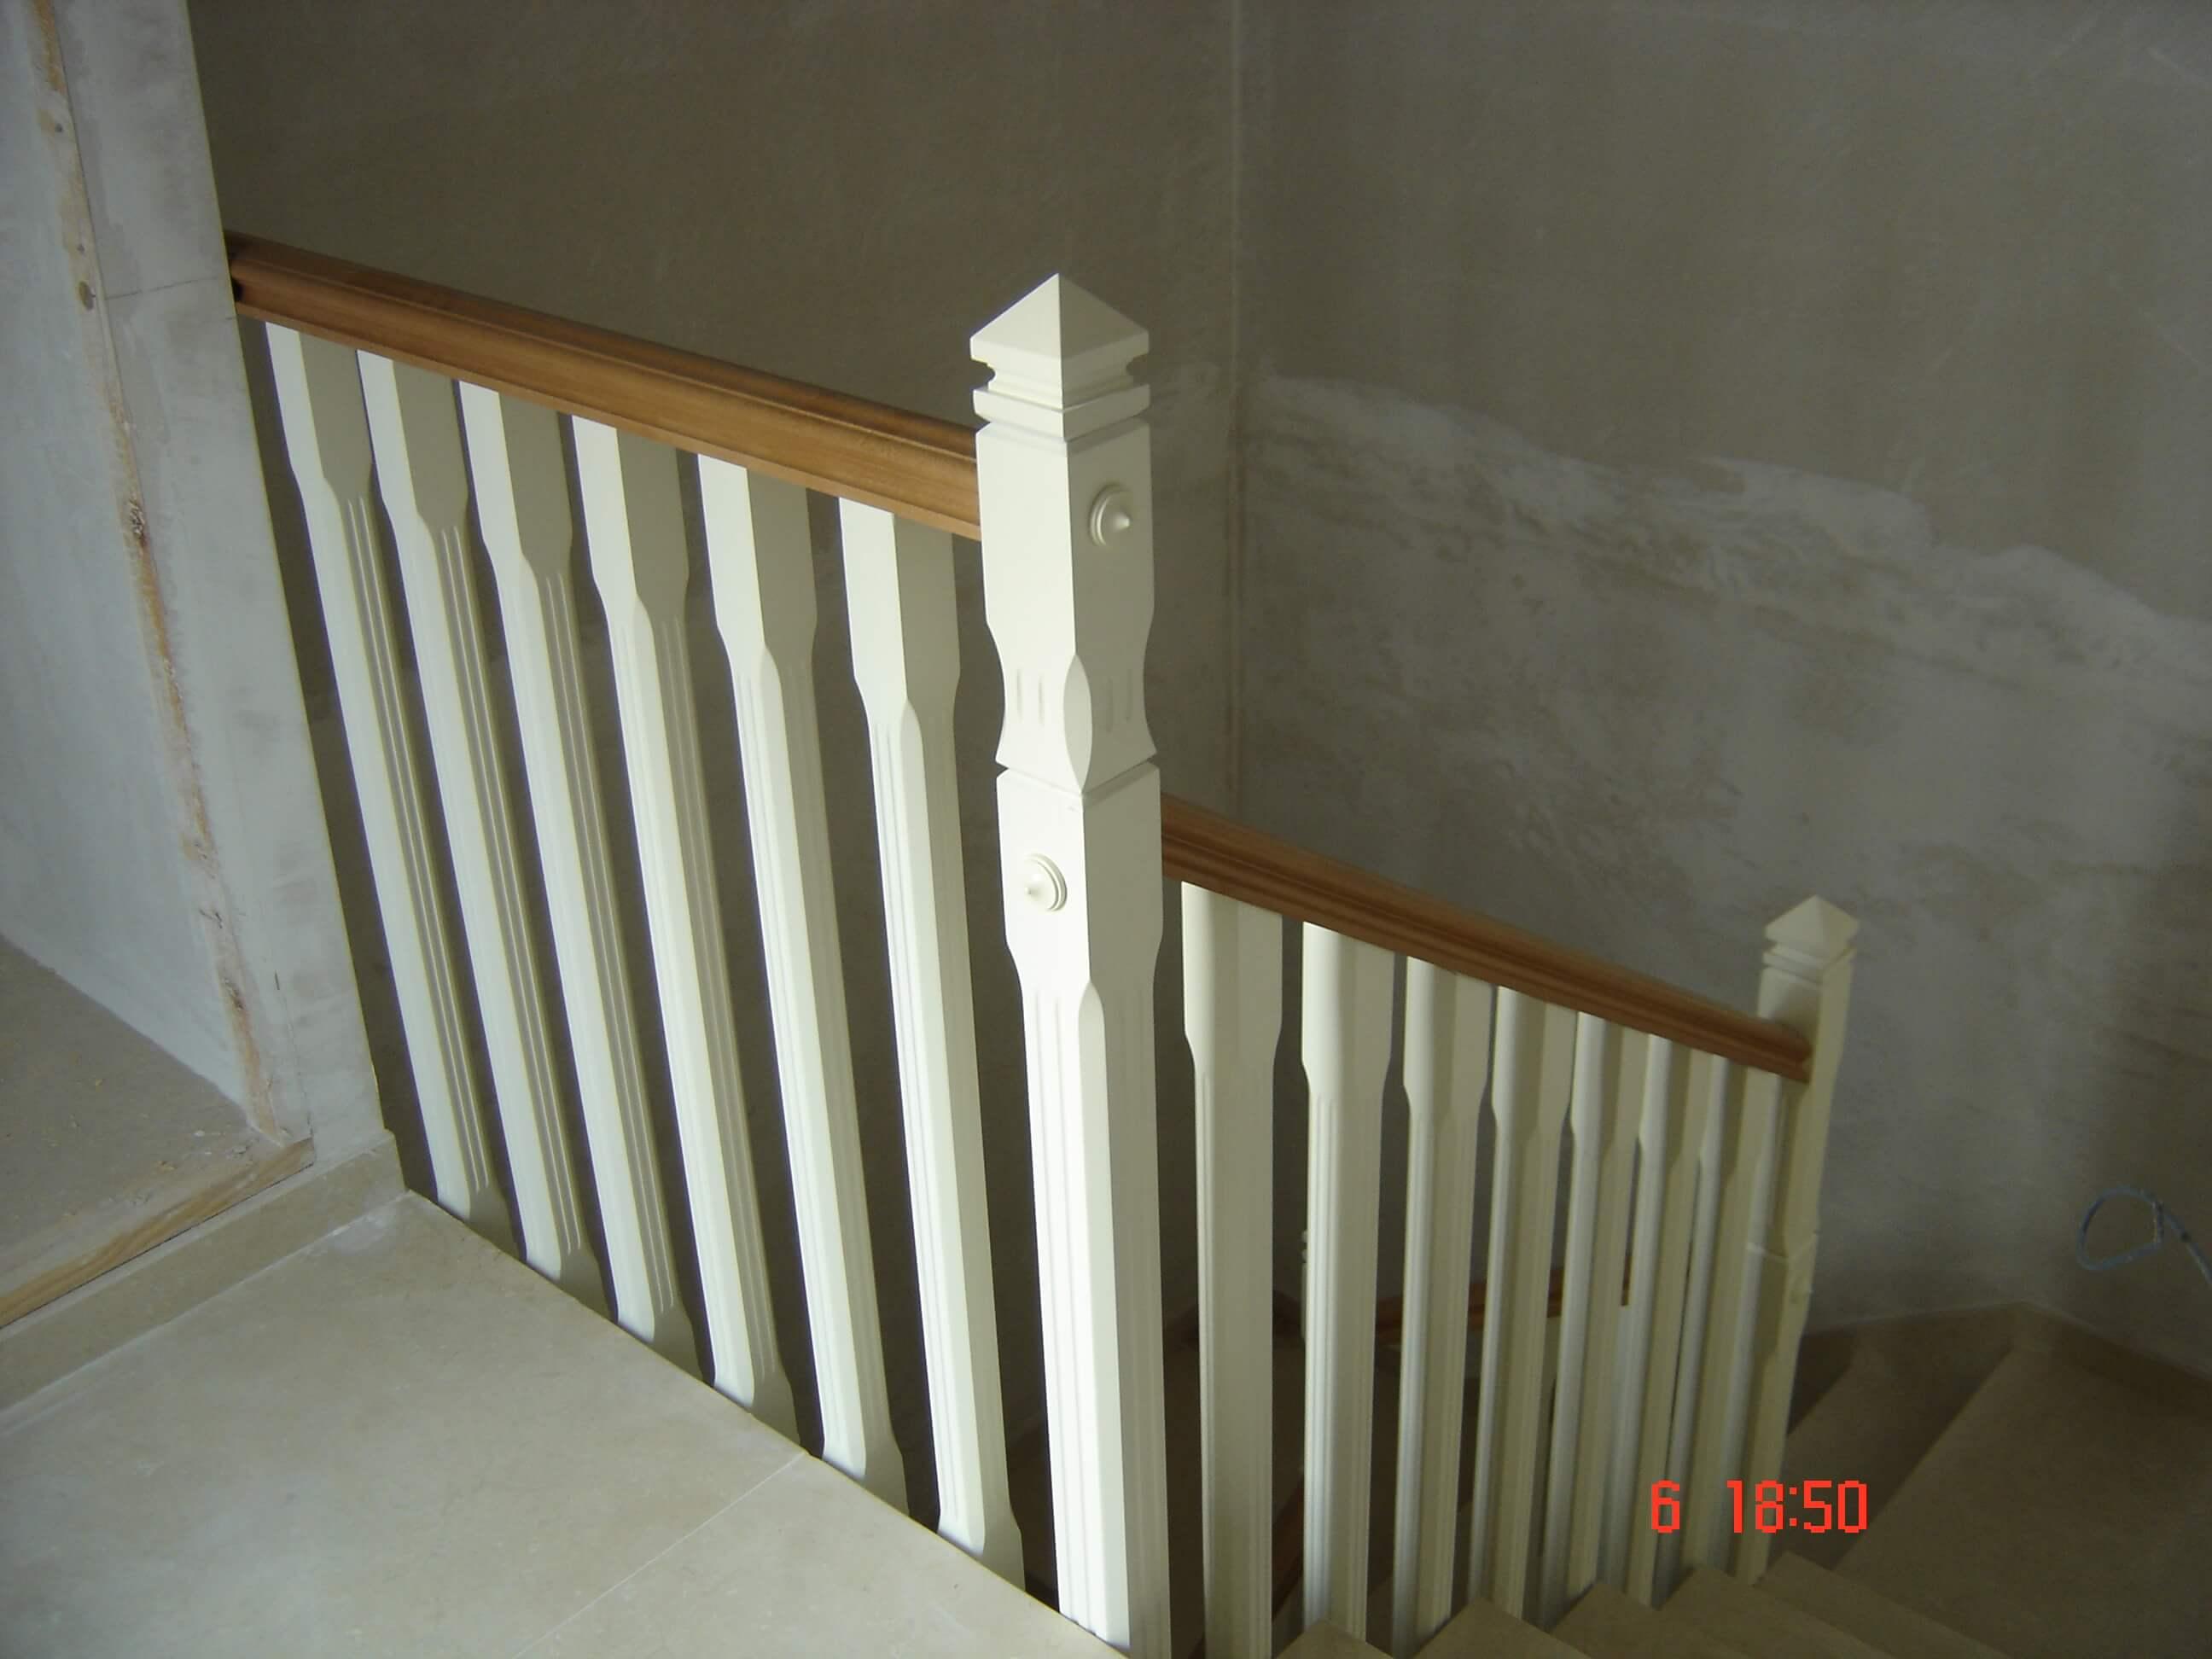 Barandillas de madera affordable resultado de imagen para - Barandillas de madera ...